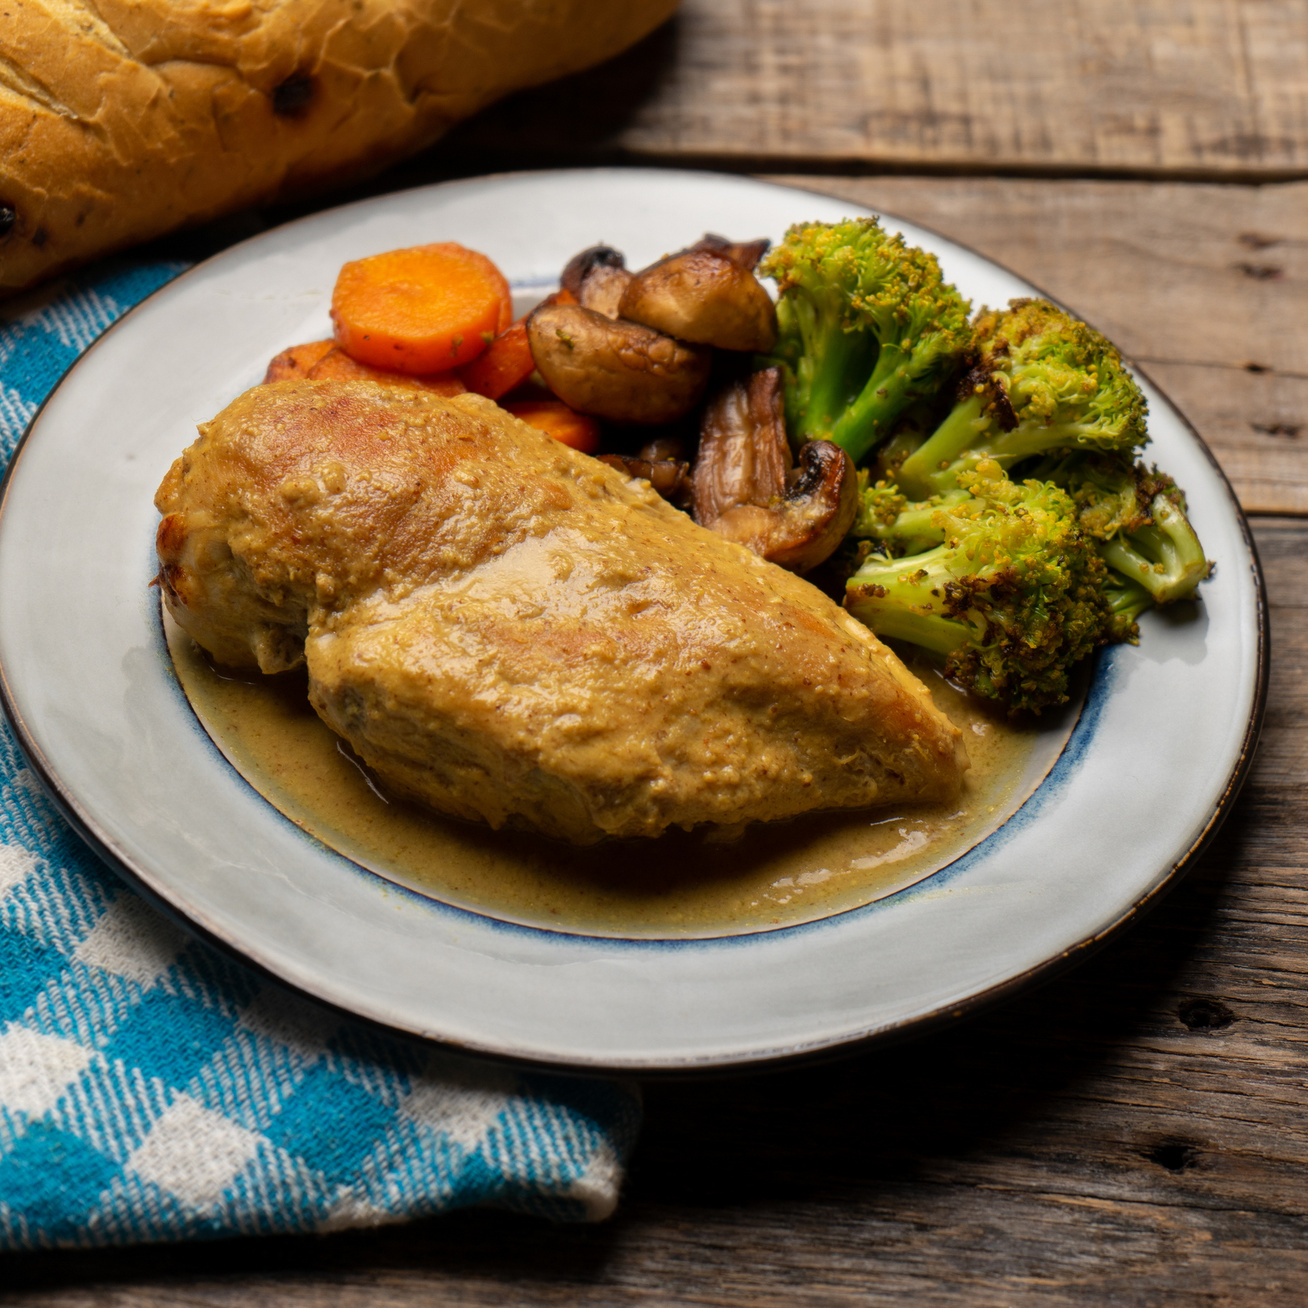 mustaros csirkemell